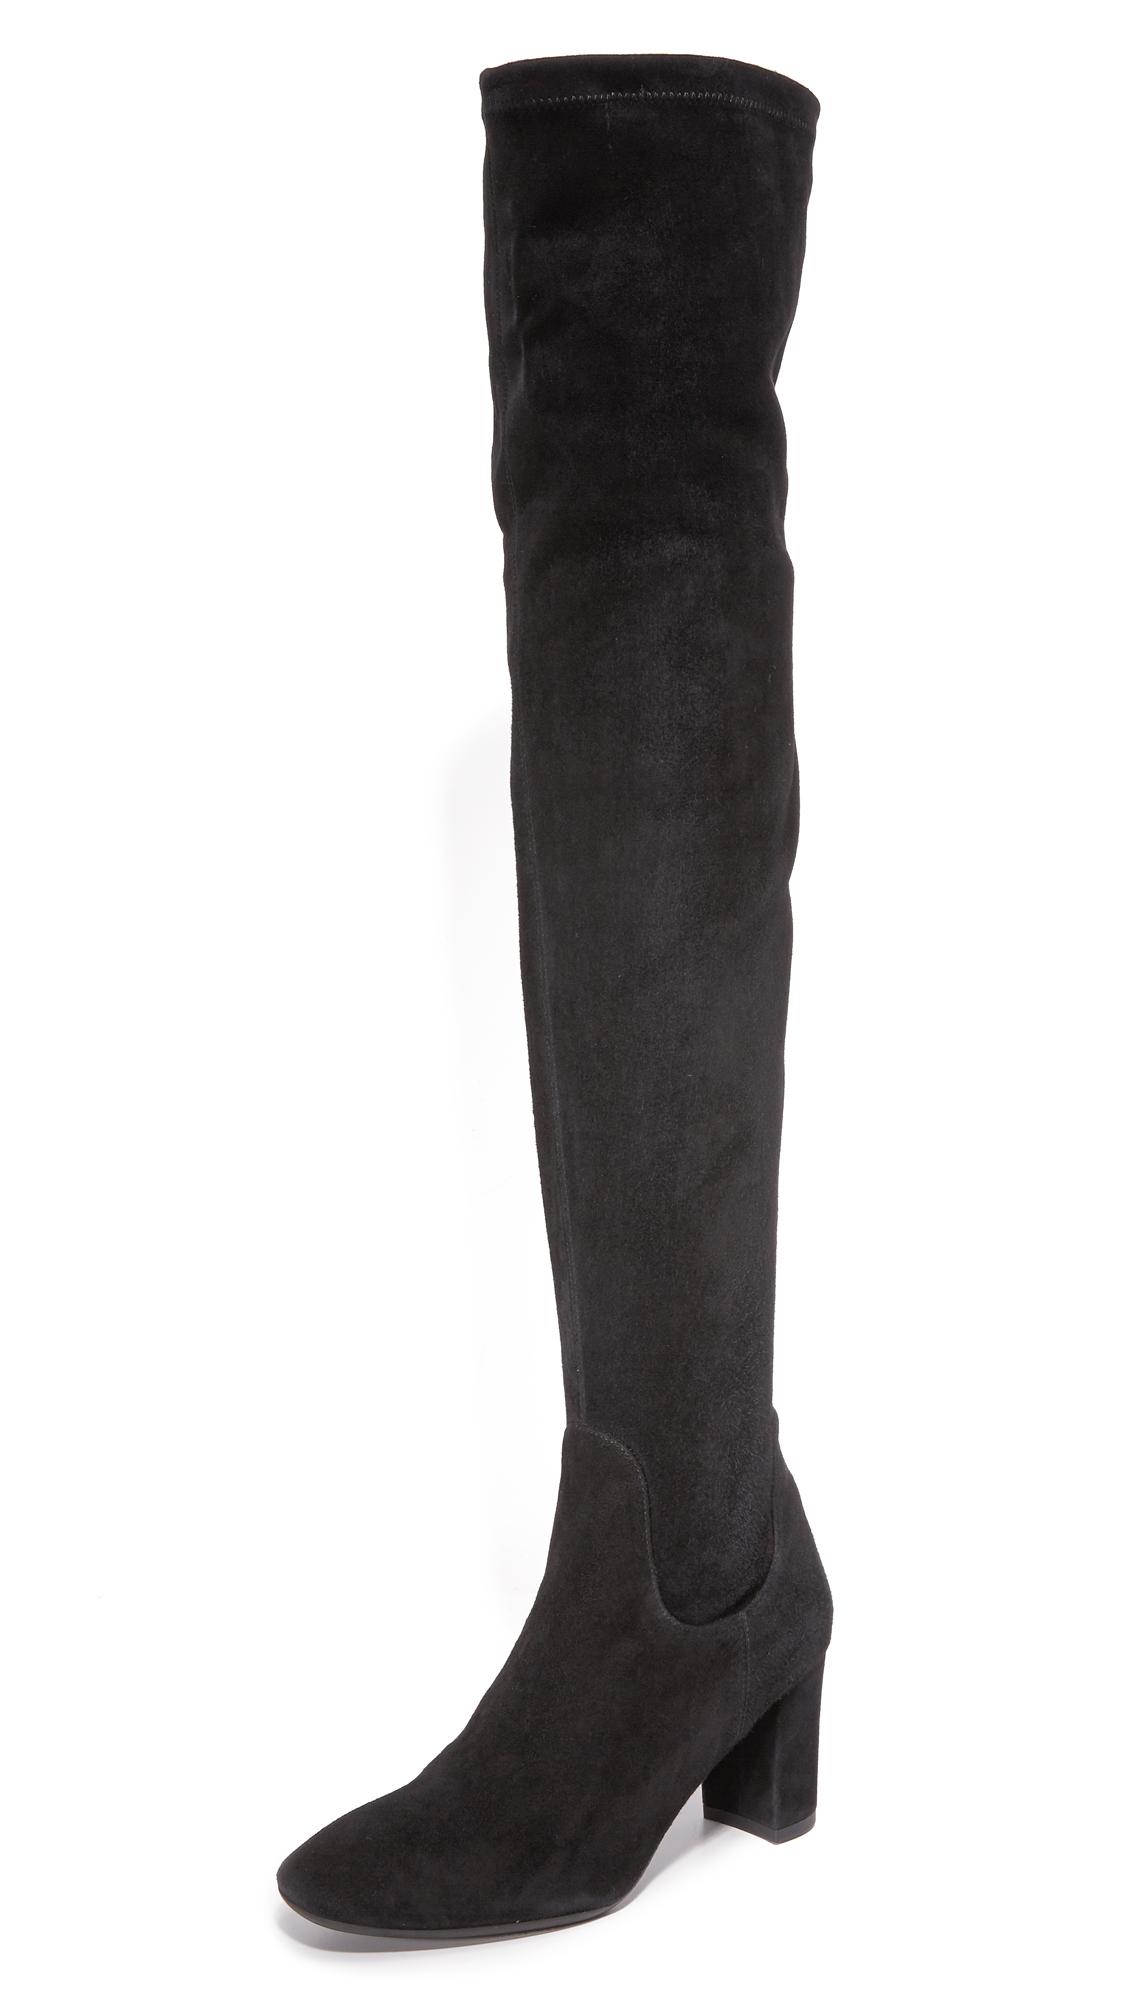 L.K. Bennett Lorde Tall Boots - Truffle